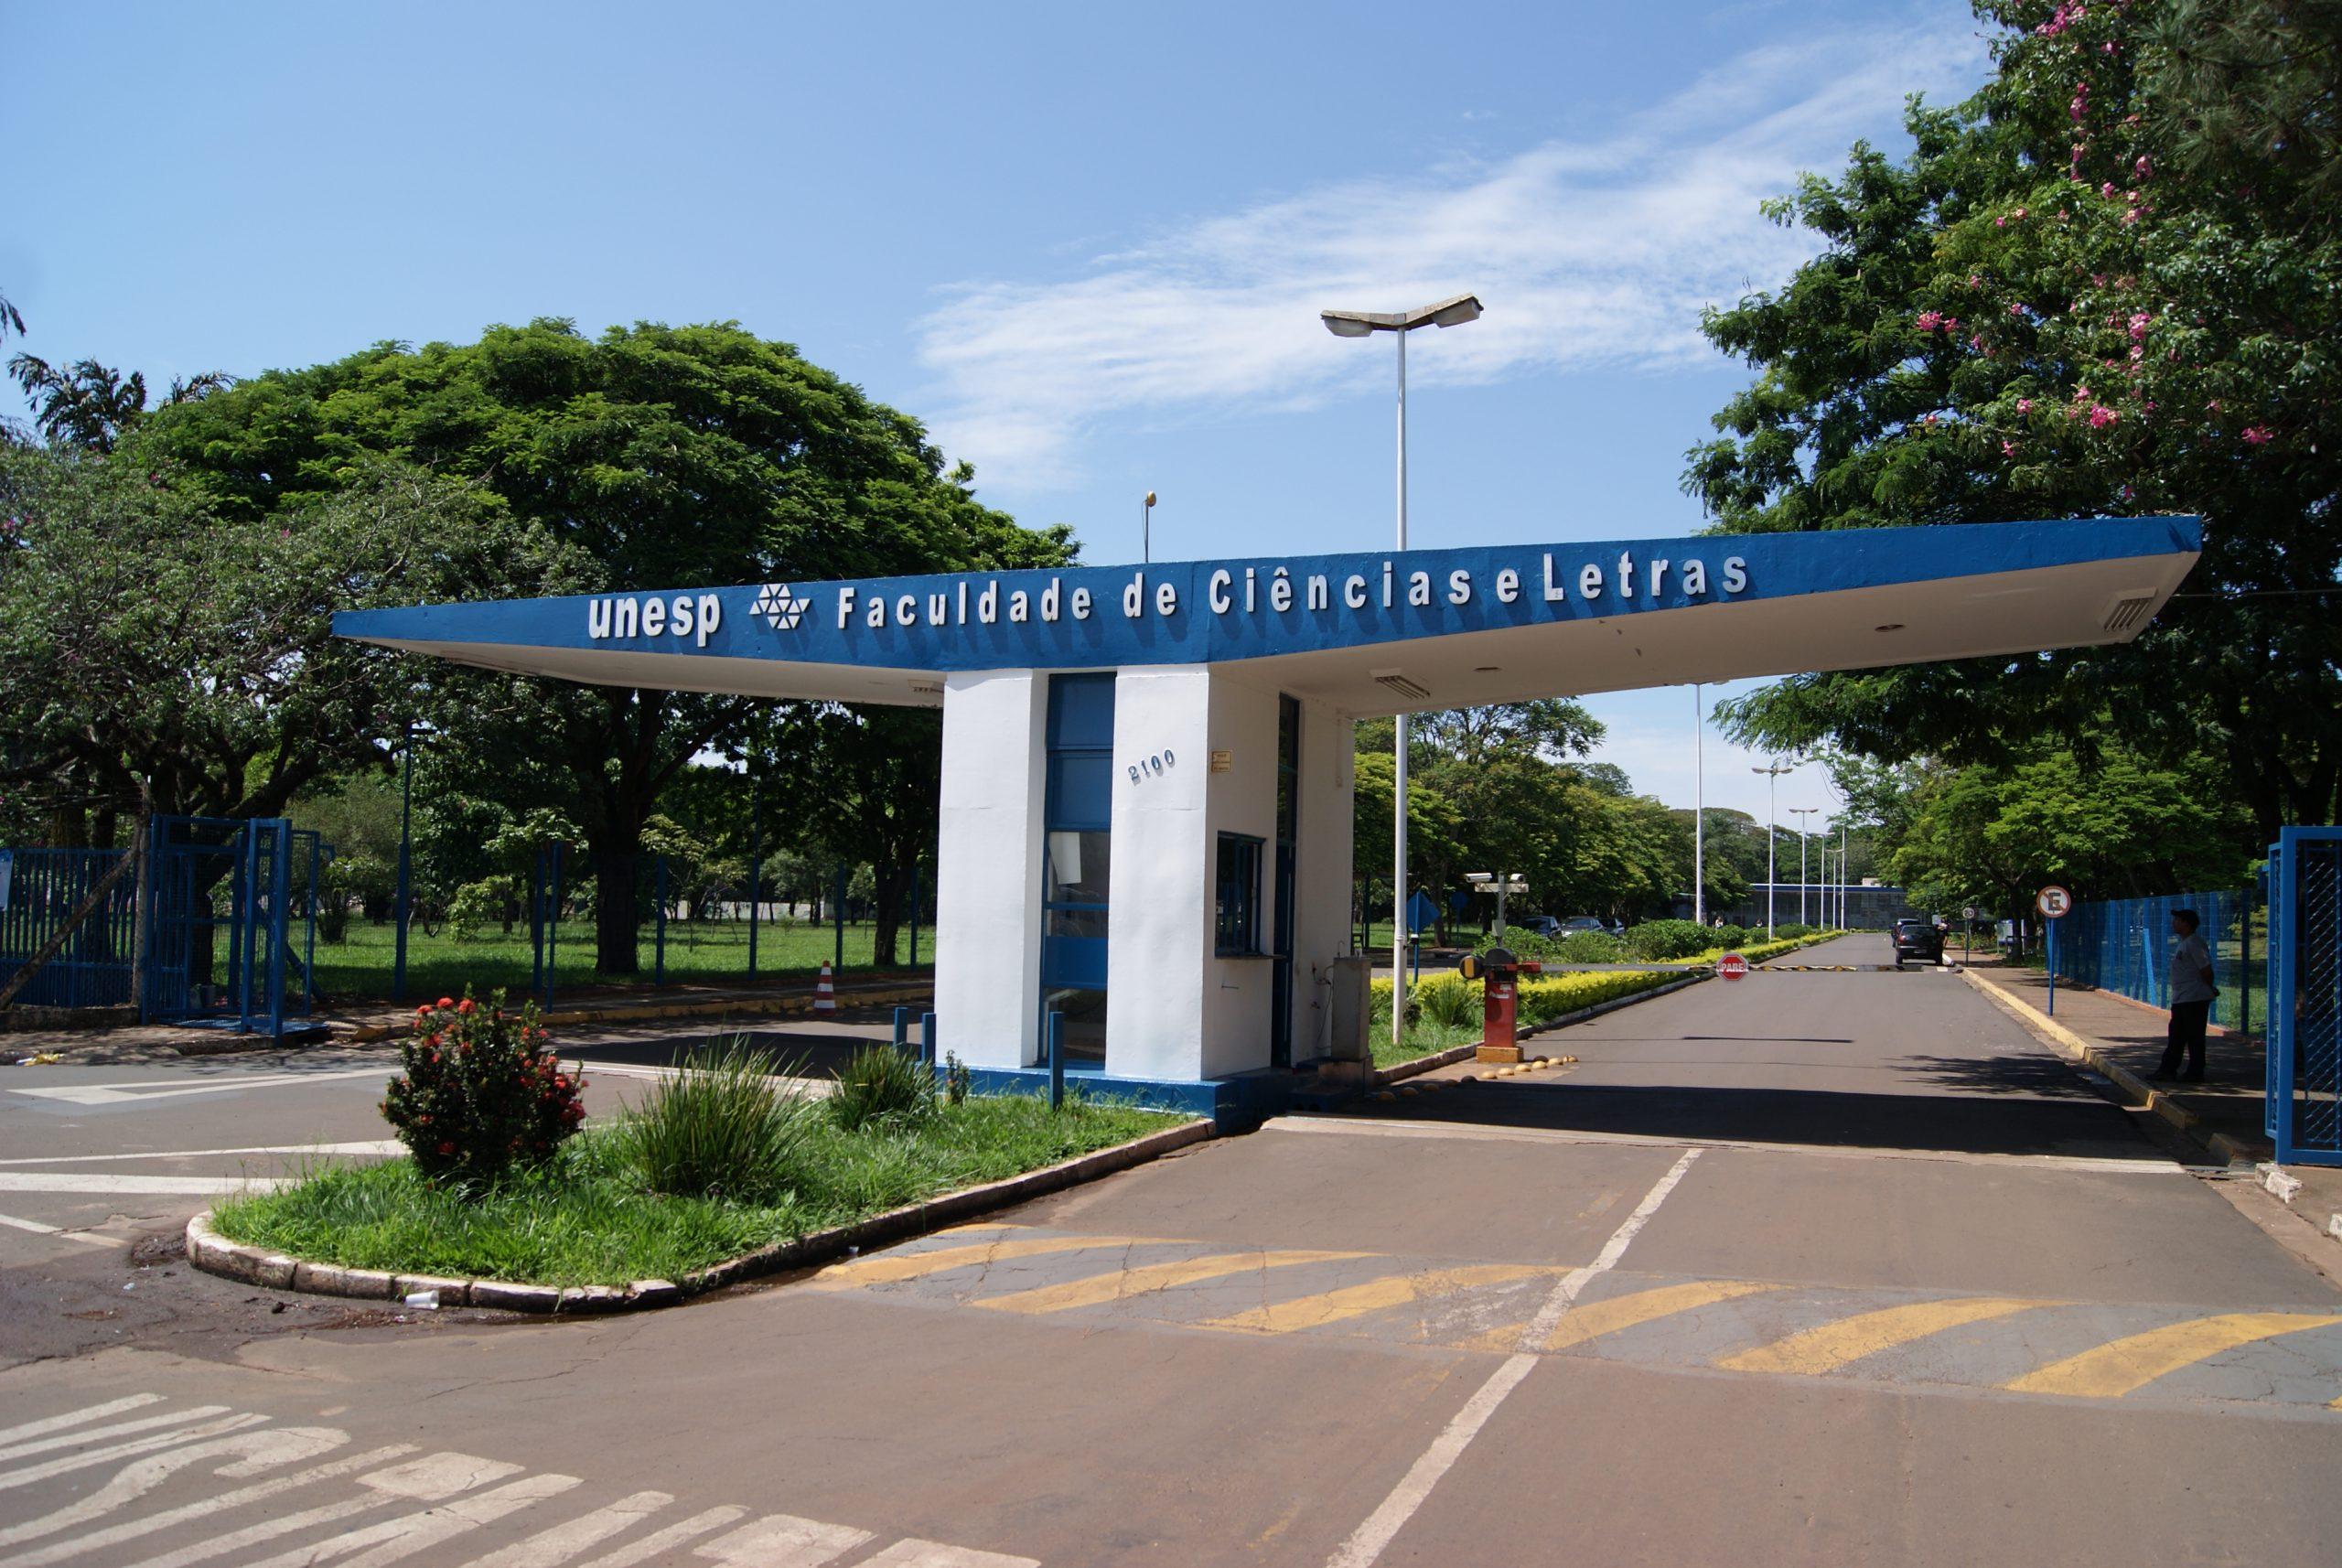 Nova direção toma posse na Faculdade de Ciências e Letras da UNESP, campus de Assis